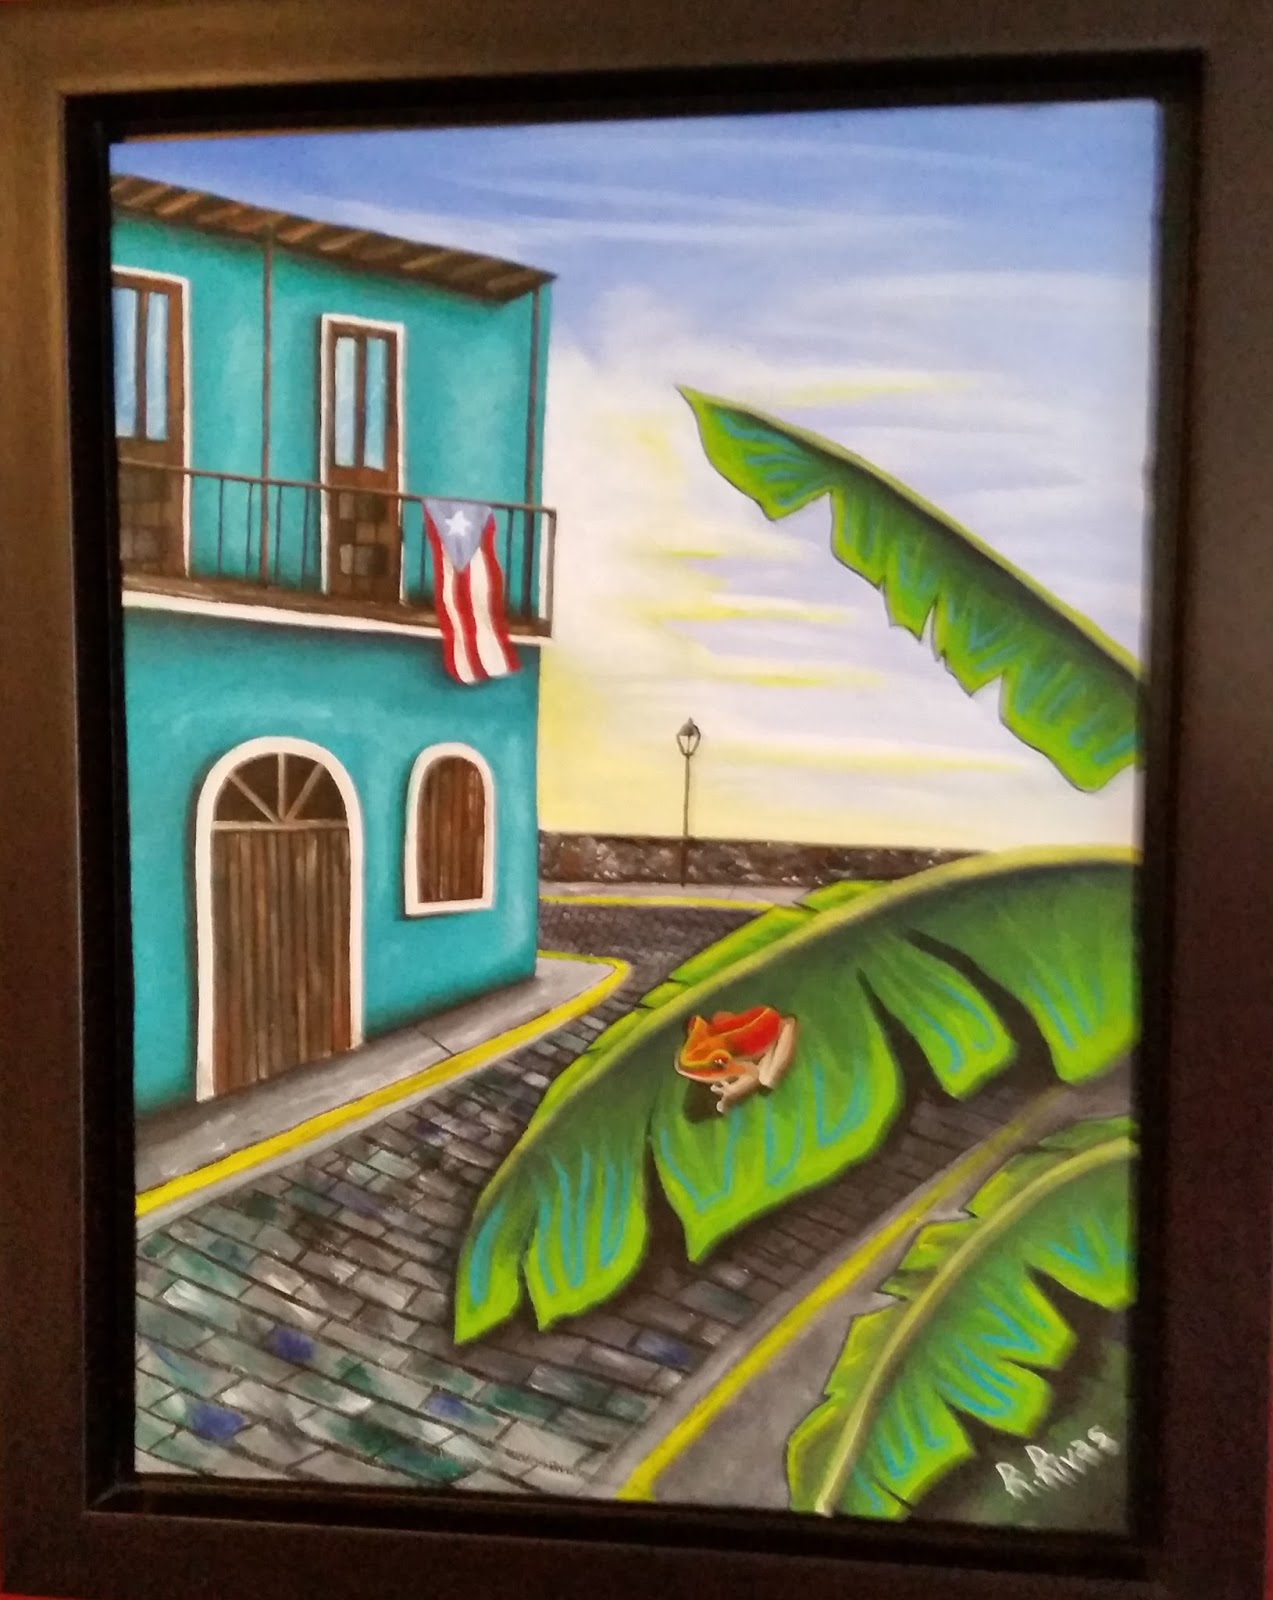 Asociaci n de artistas pl sticos de puerto rico aappr for Actividades jardin botanico caguas